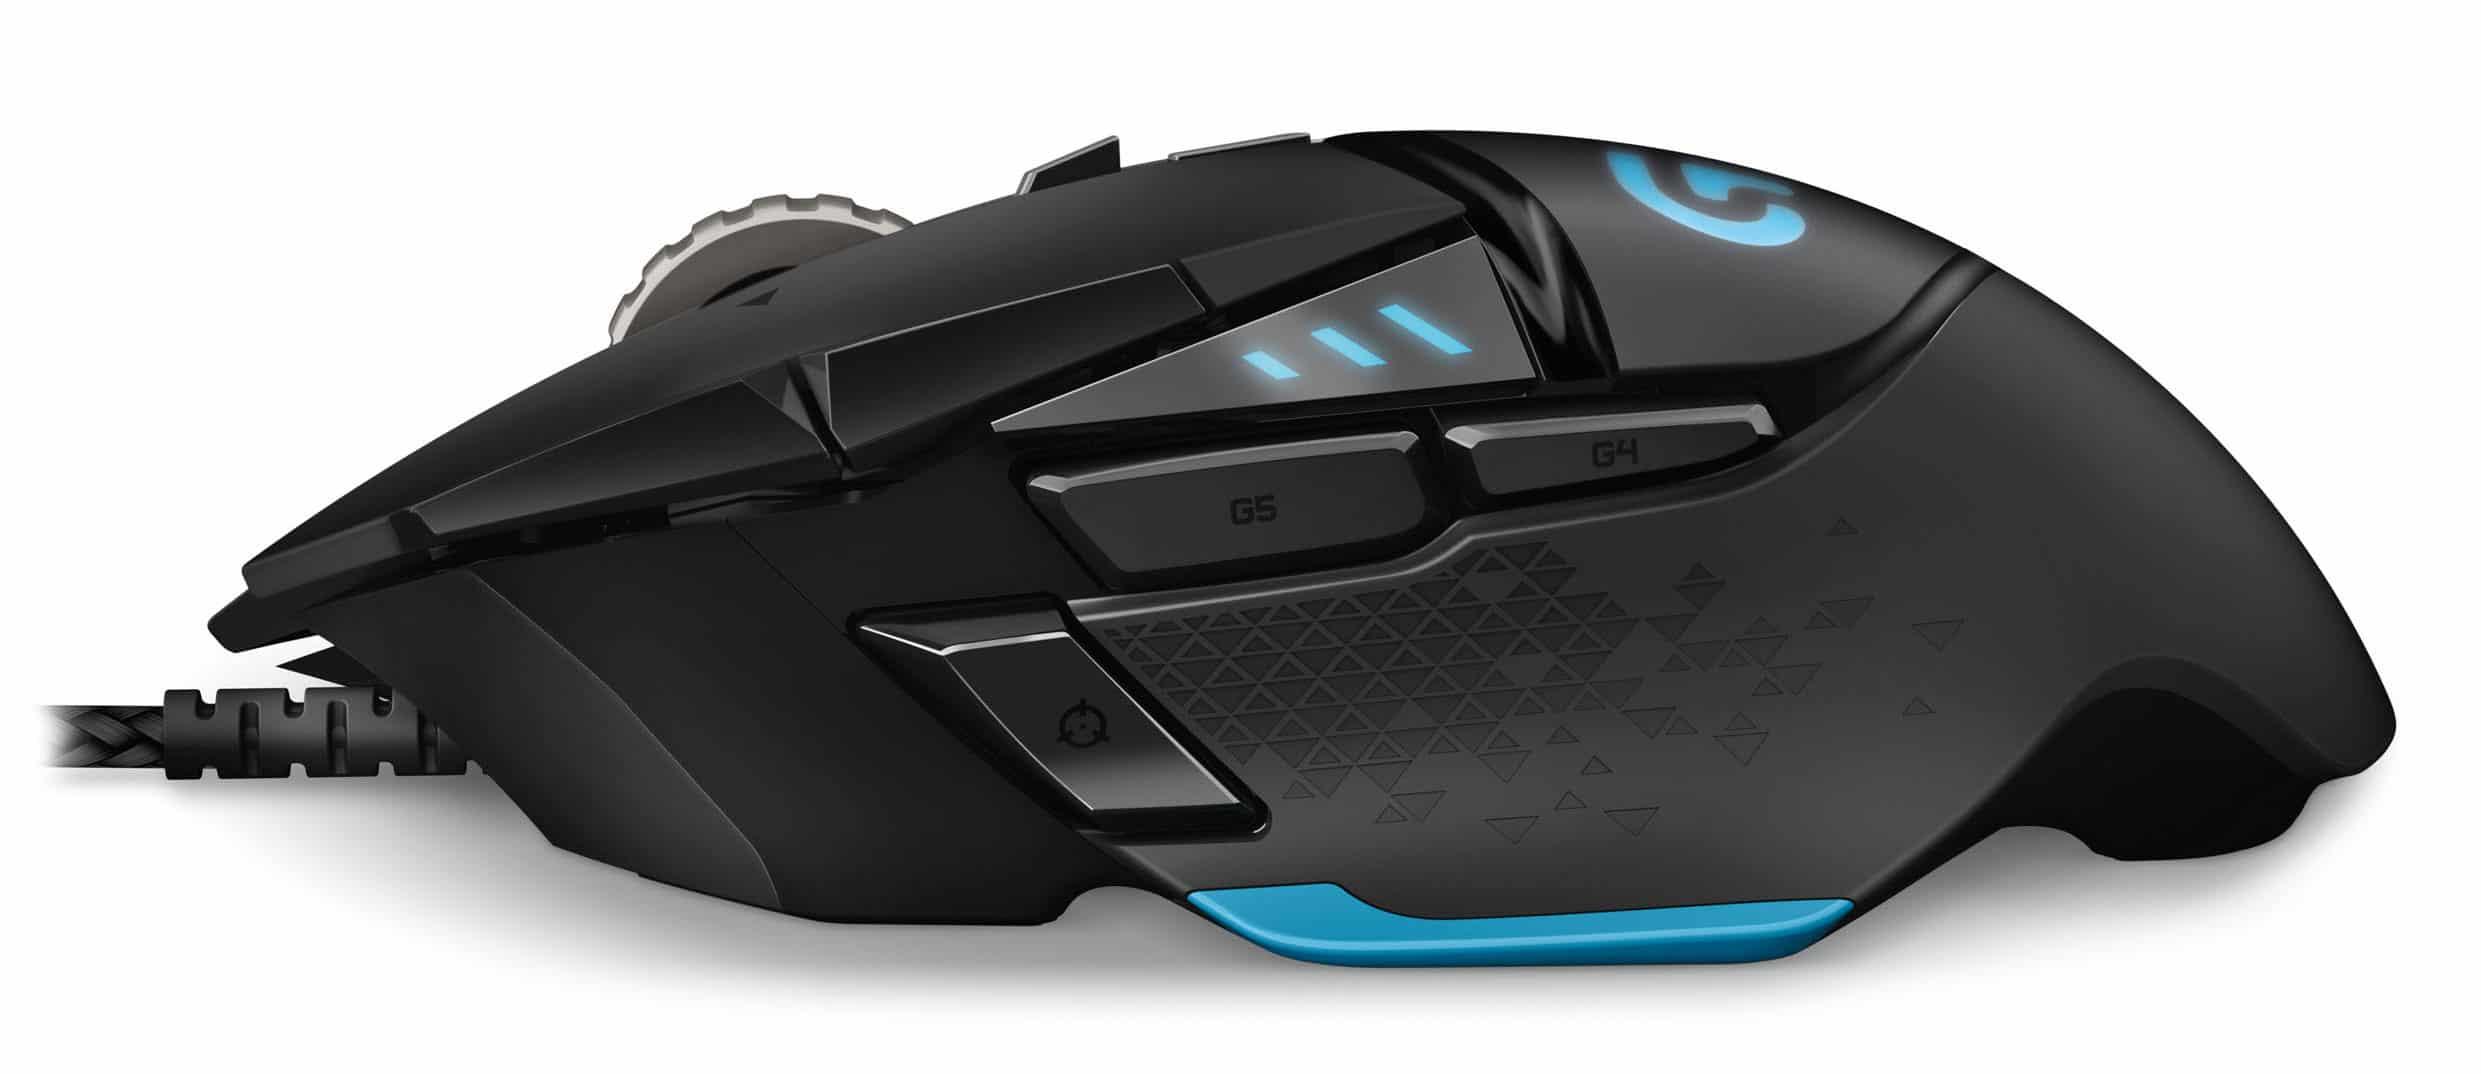 Bild von Logitech präsentiert die G502 Proteus Core Tunable Gaming Mouse